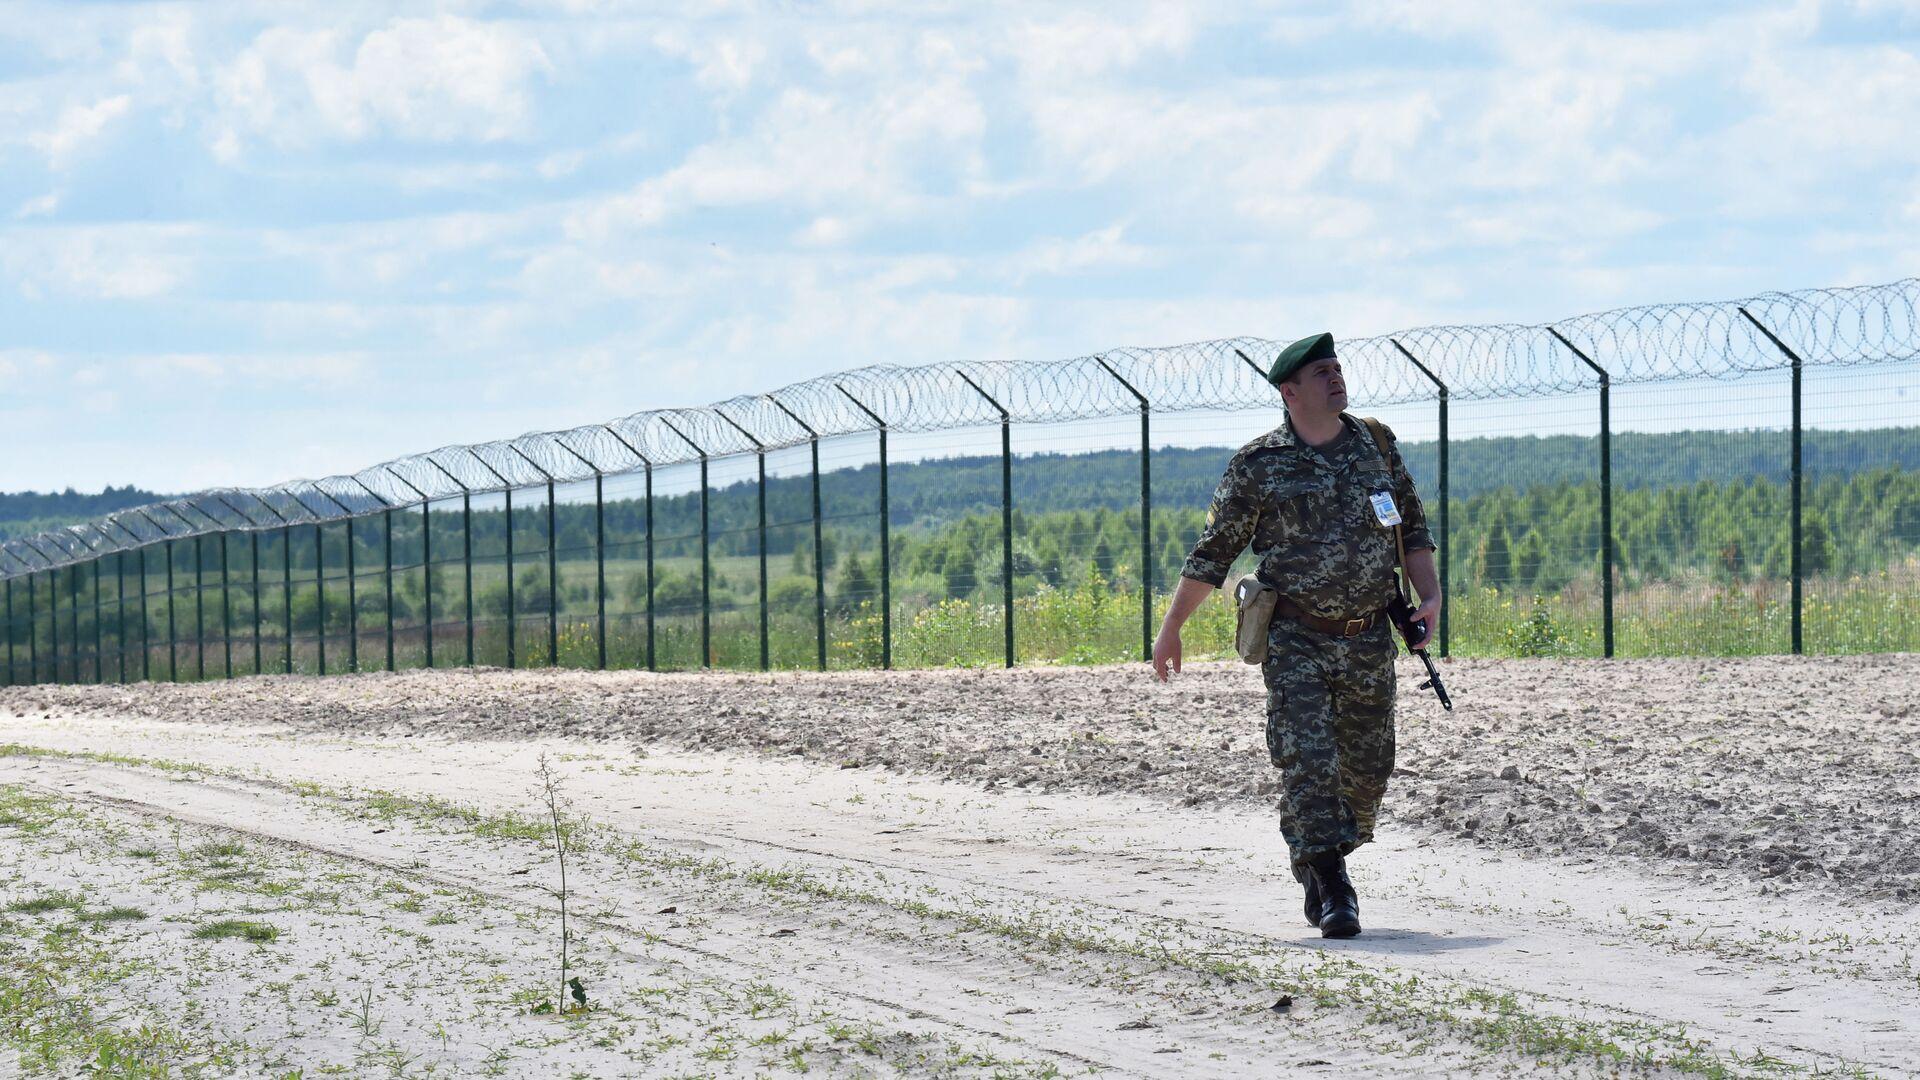 Ukraińska straż graniczna przy płocie na przejściu granicznym Senkowka - Sputnik Polska, 1920, 19.05.2021